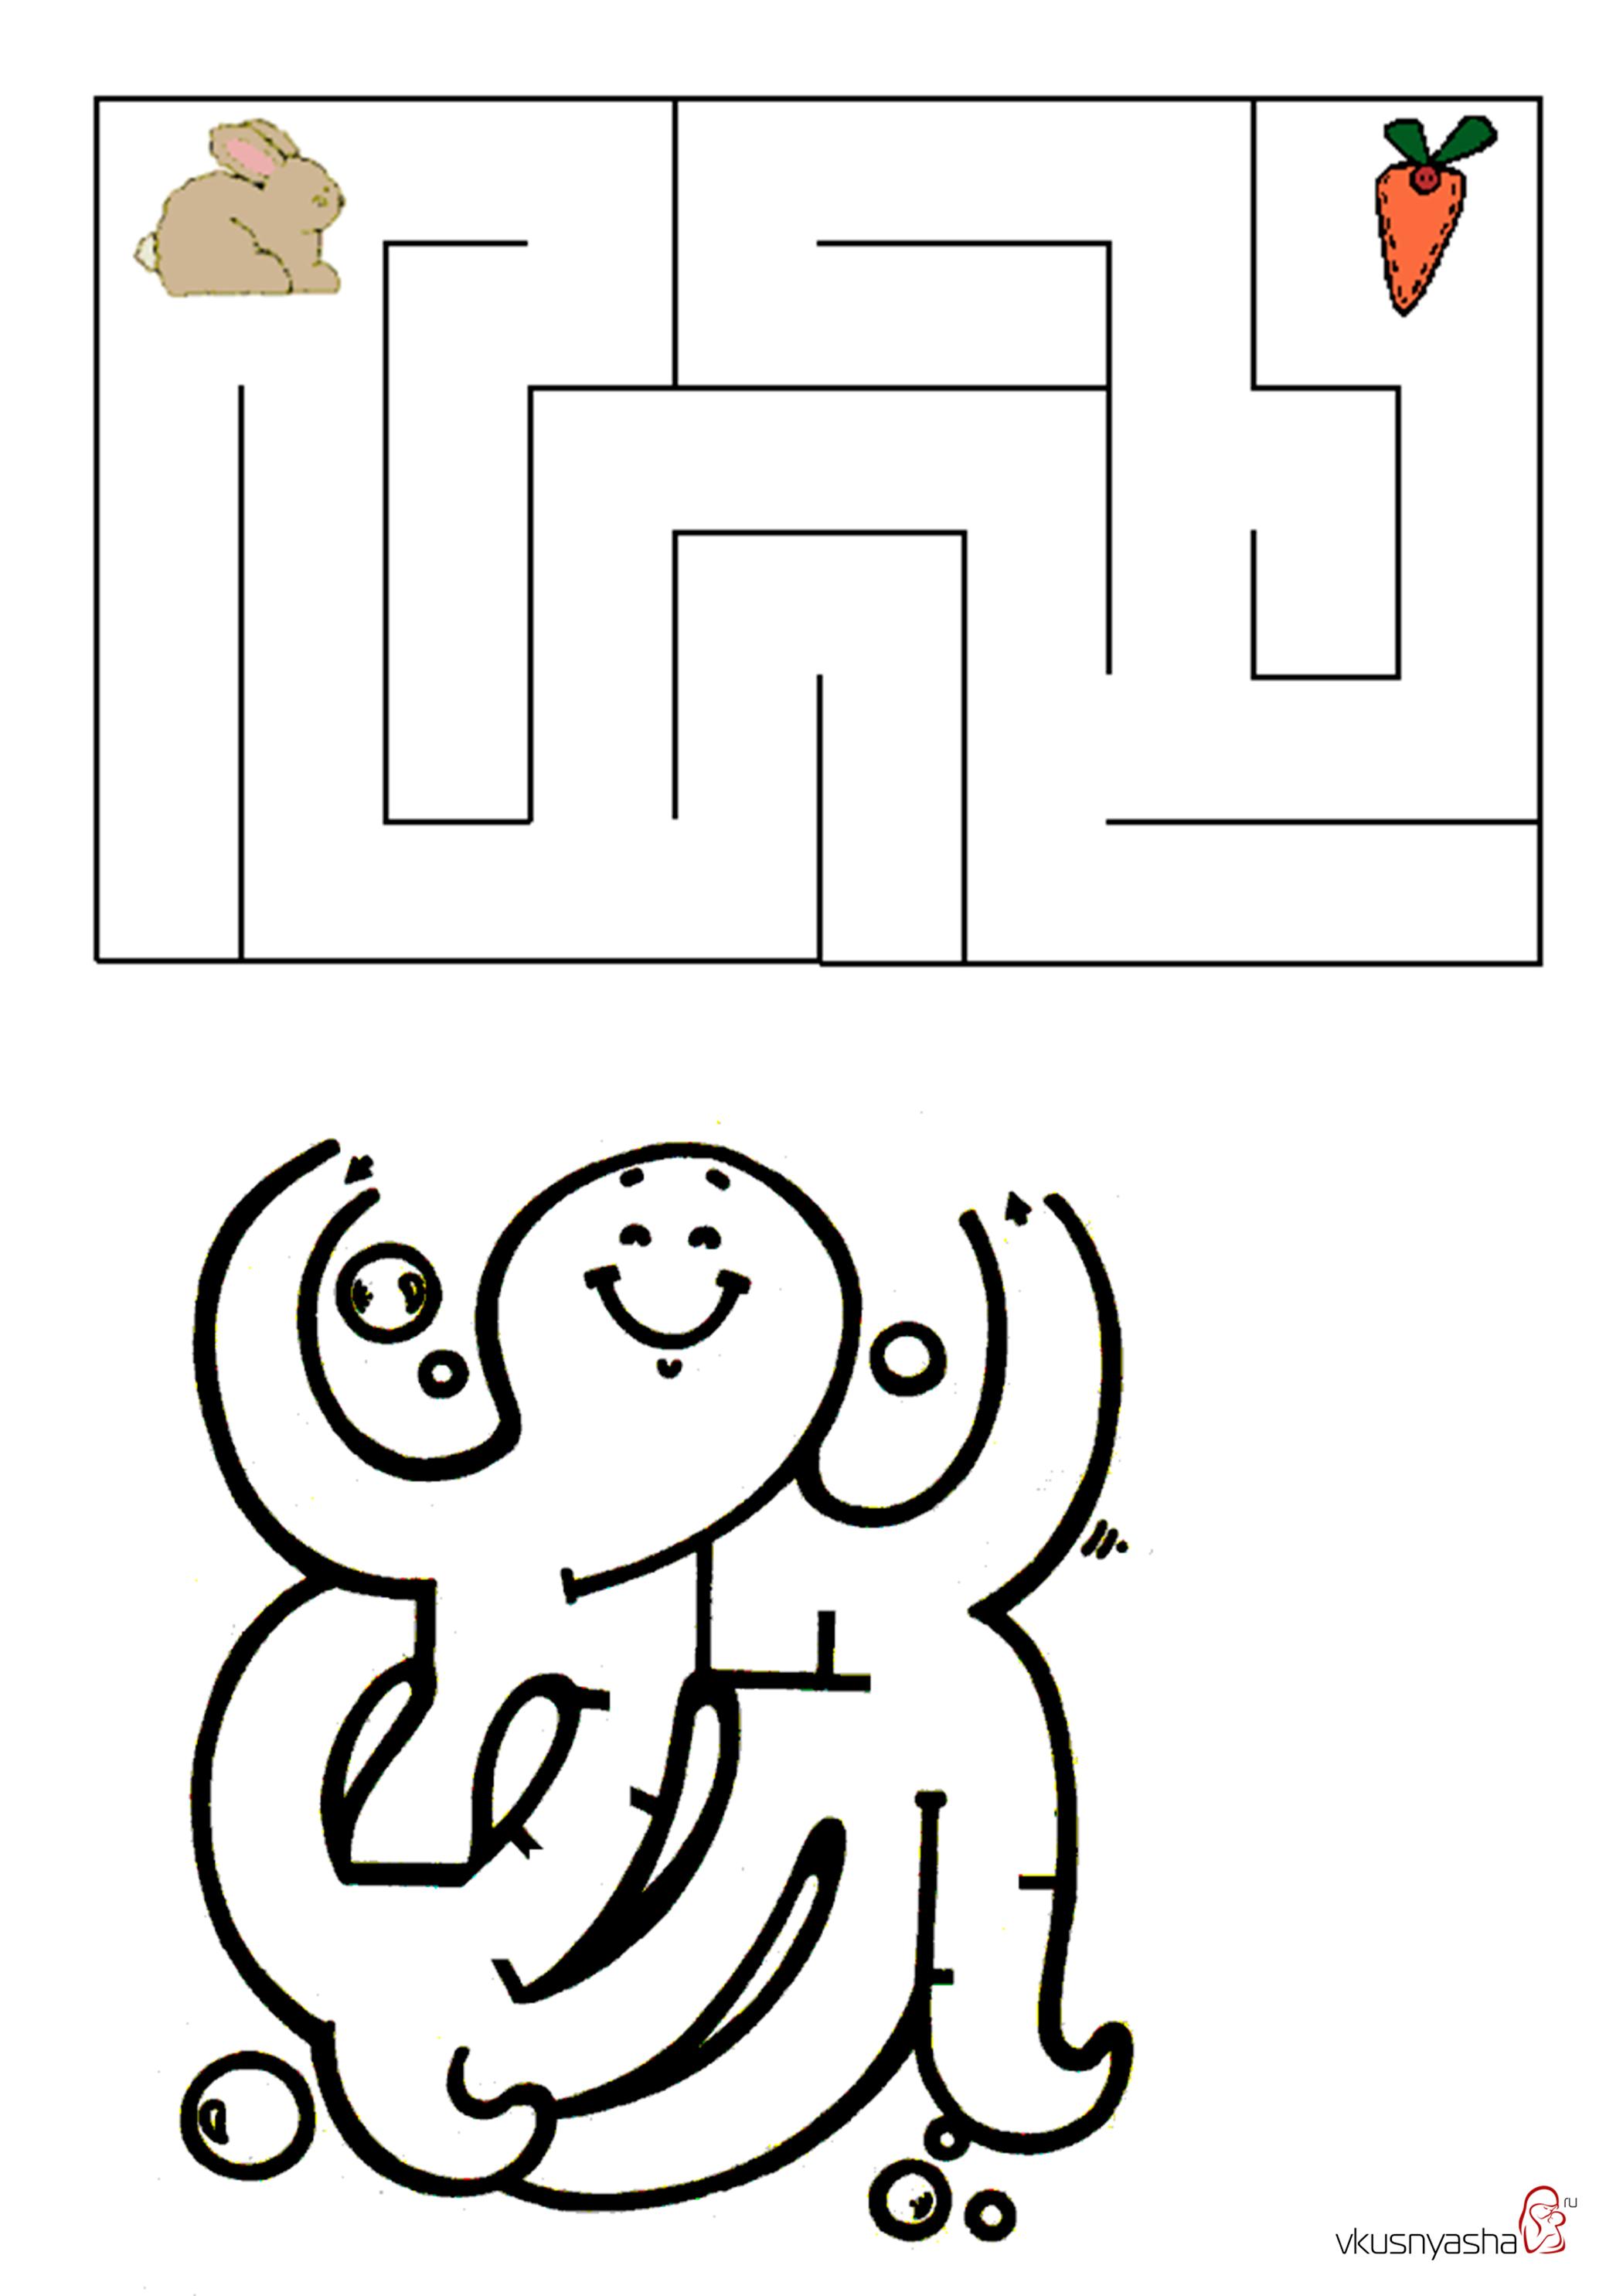 Лабиринт на картинках для маленьких